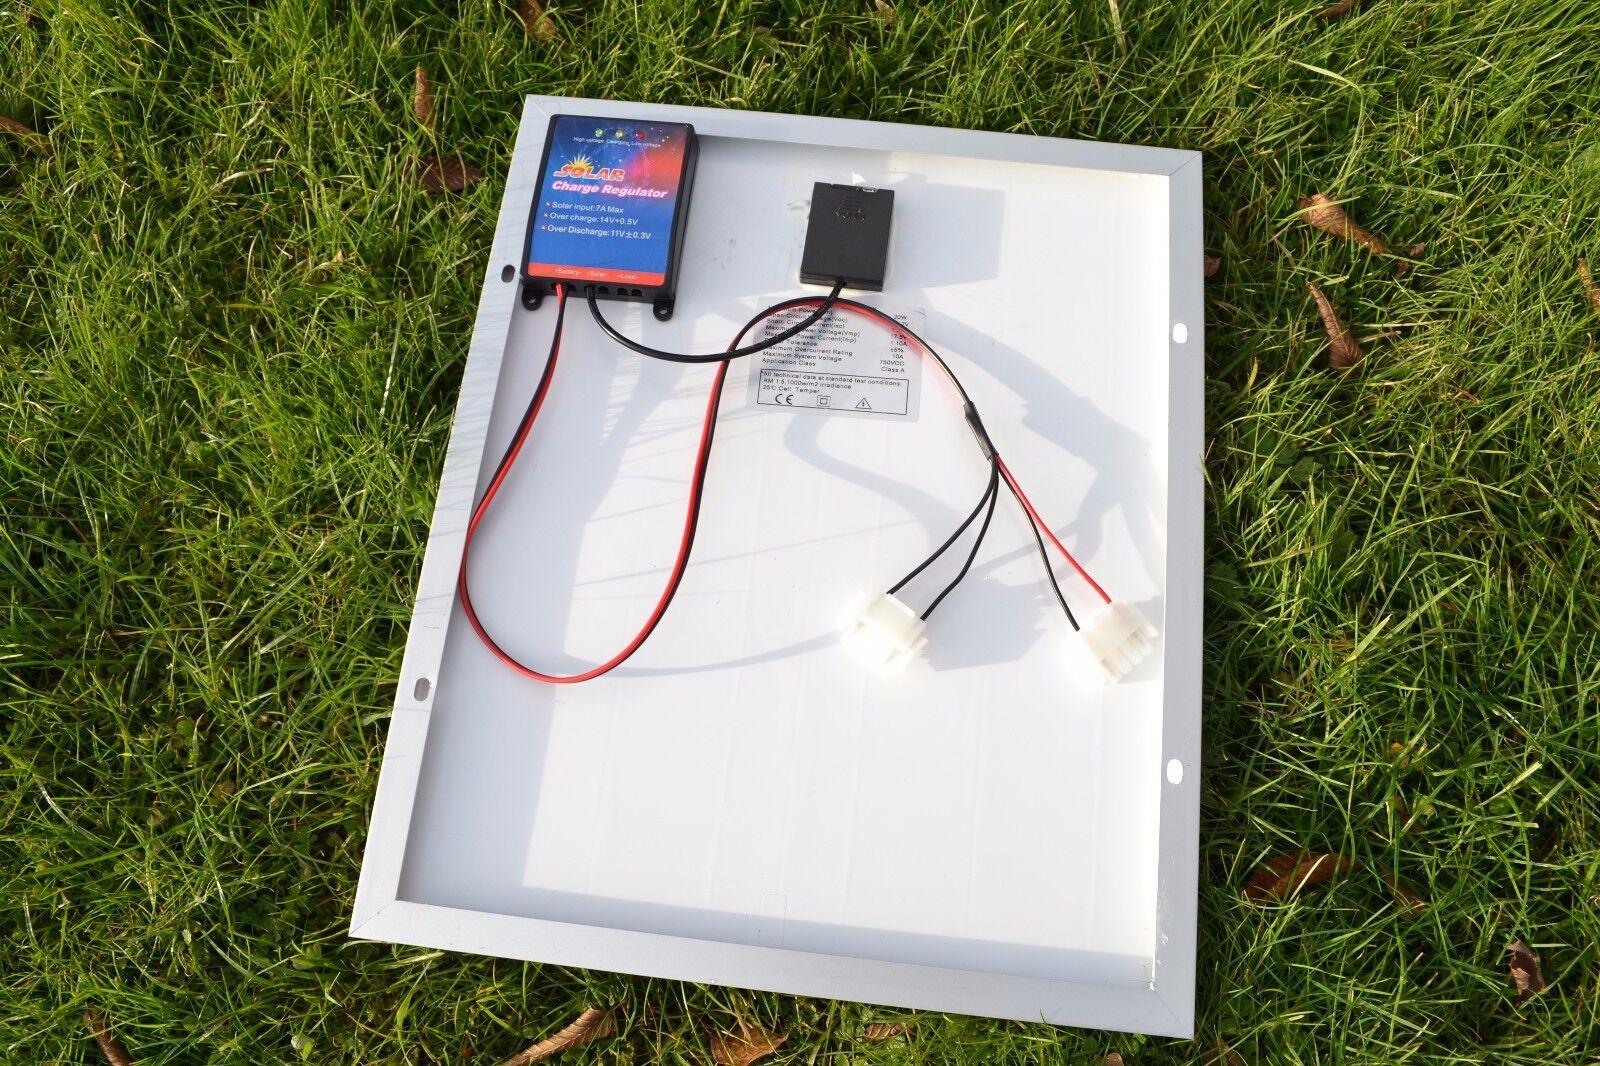 20 20 20 vatios 12 Voltios Panel Solar Para Baterías ANATEC catamarán Cebo Barco 42c579